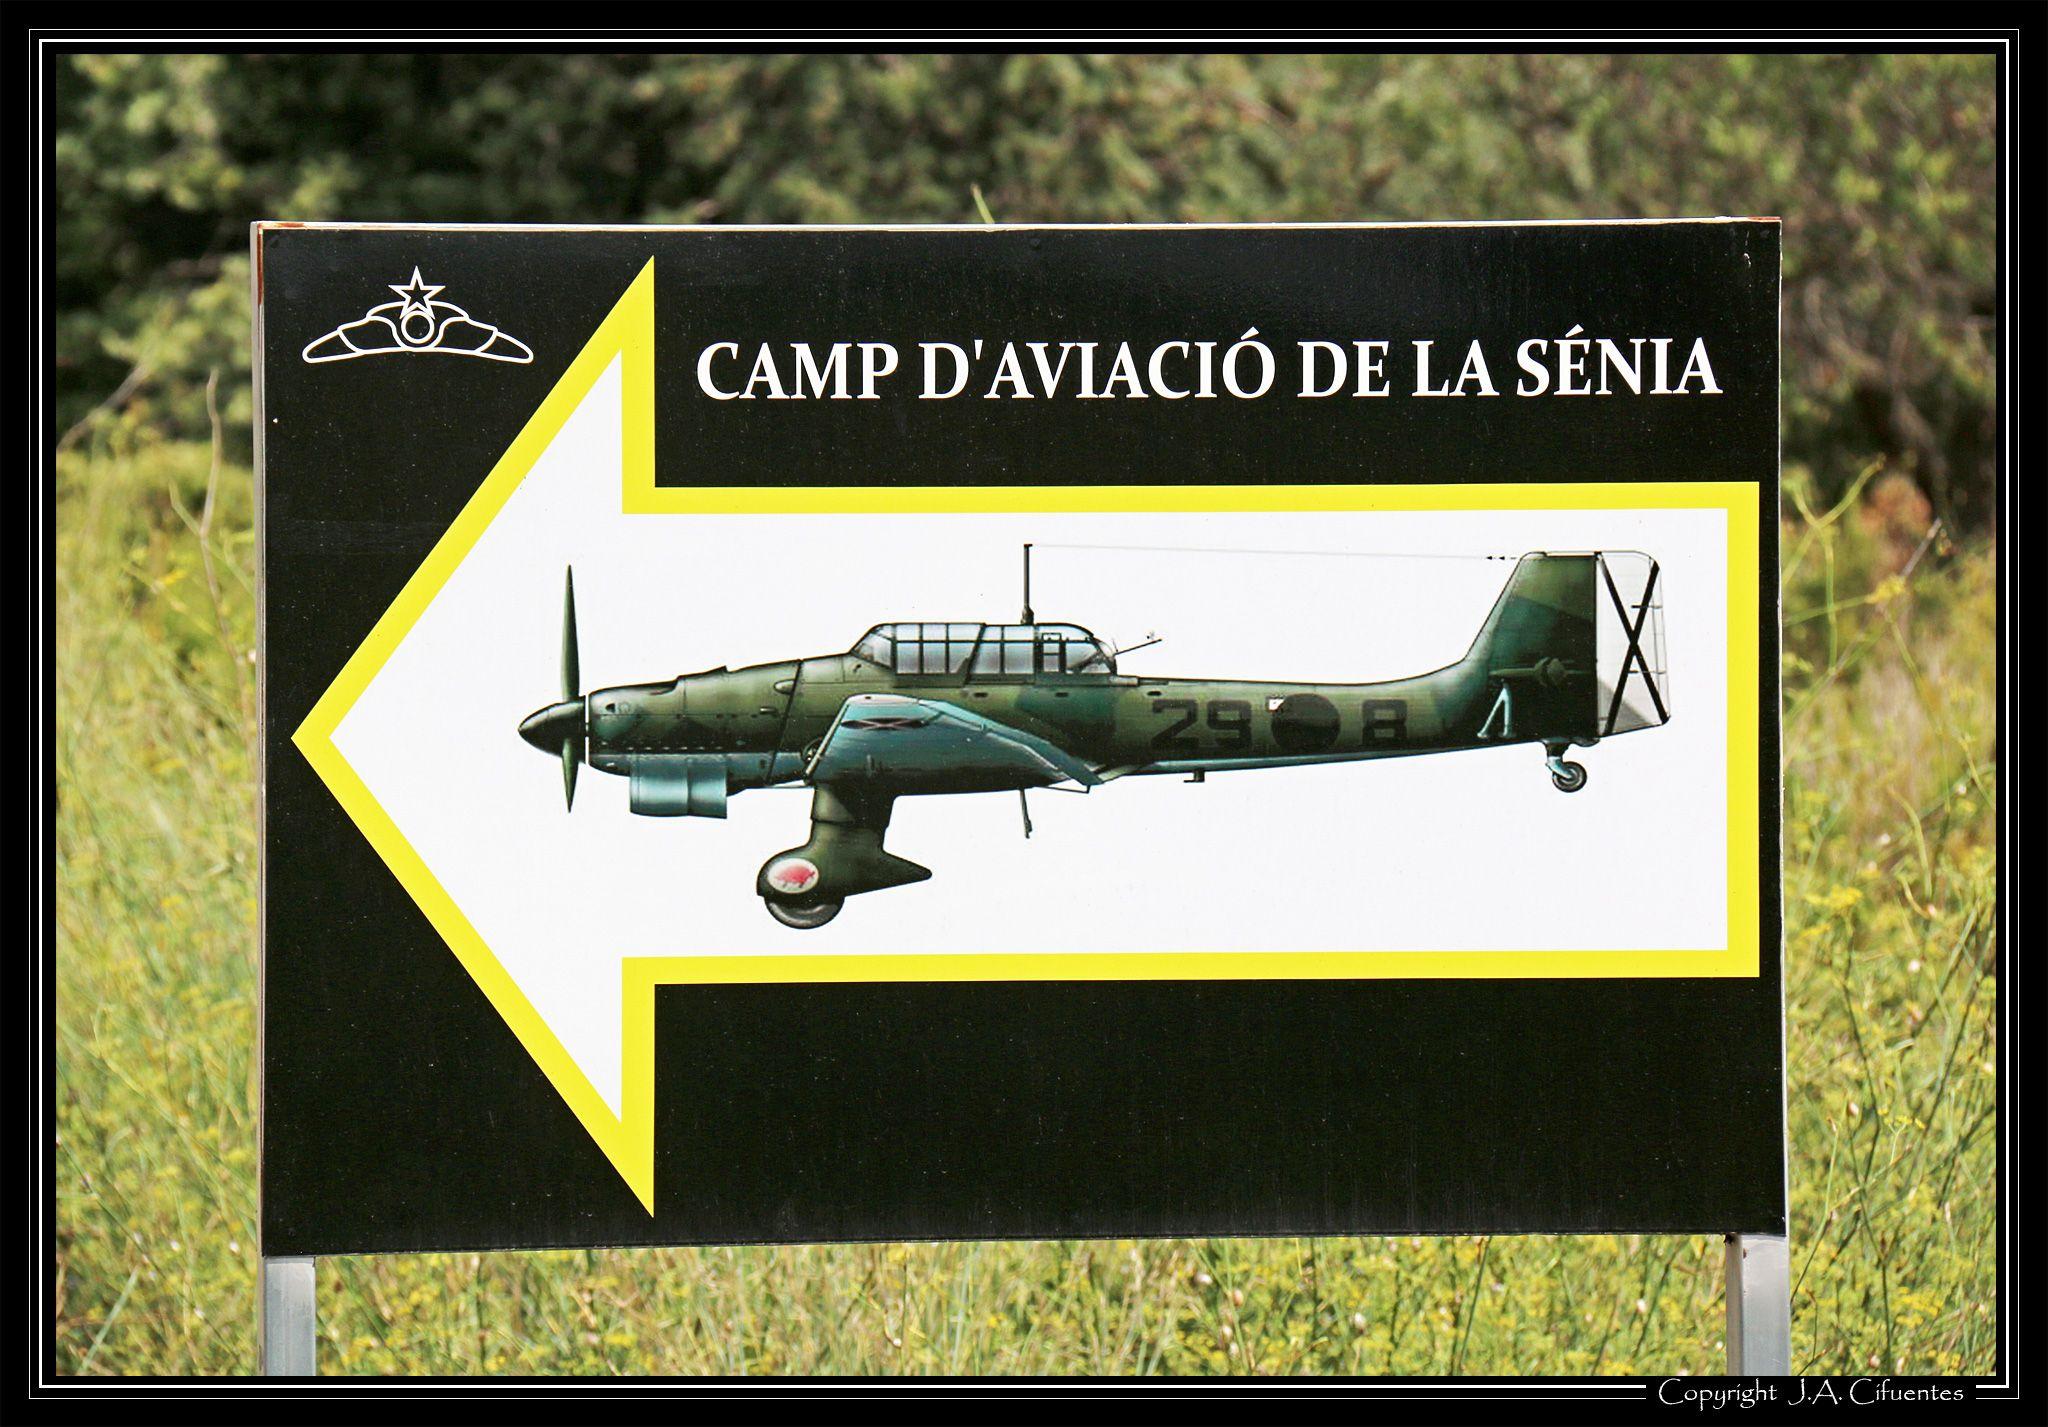 Camp d'Aviació de La Sénia